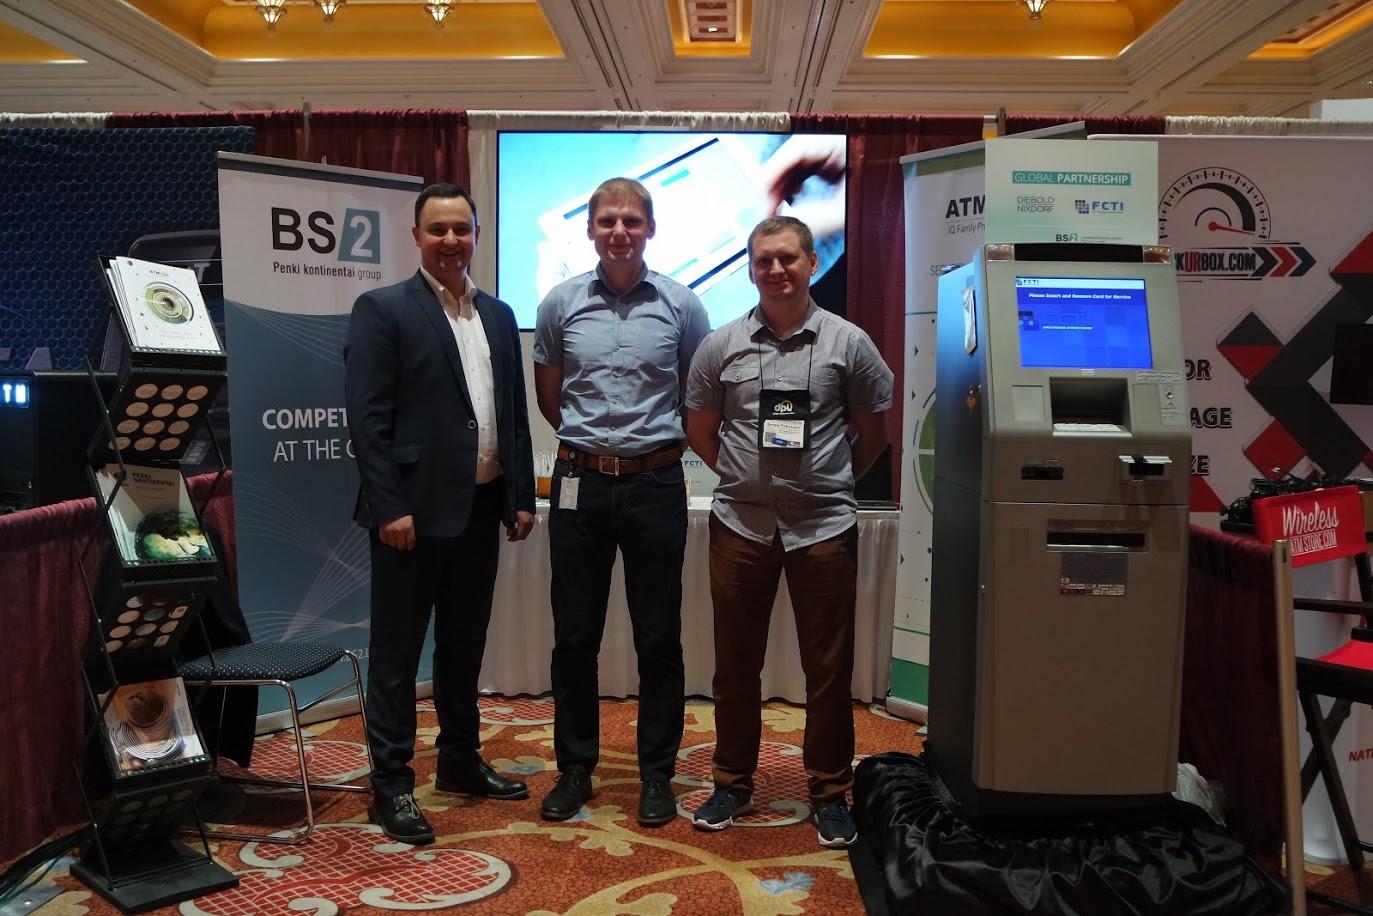 BS/2 dalyvavo vienoje stambiausių bankinių technologijų parodų JAV